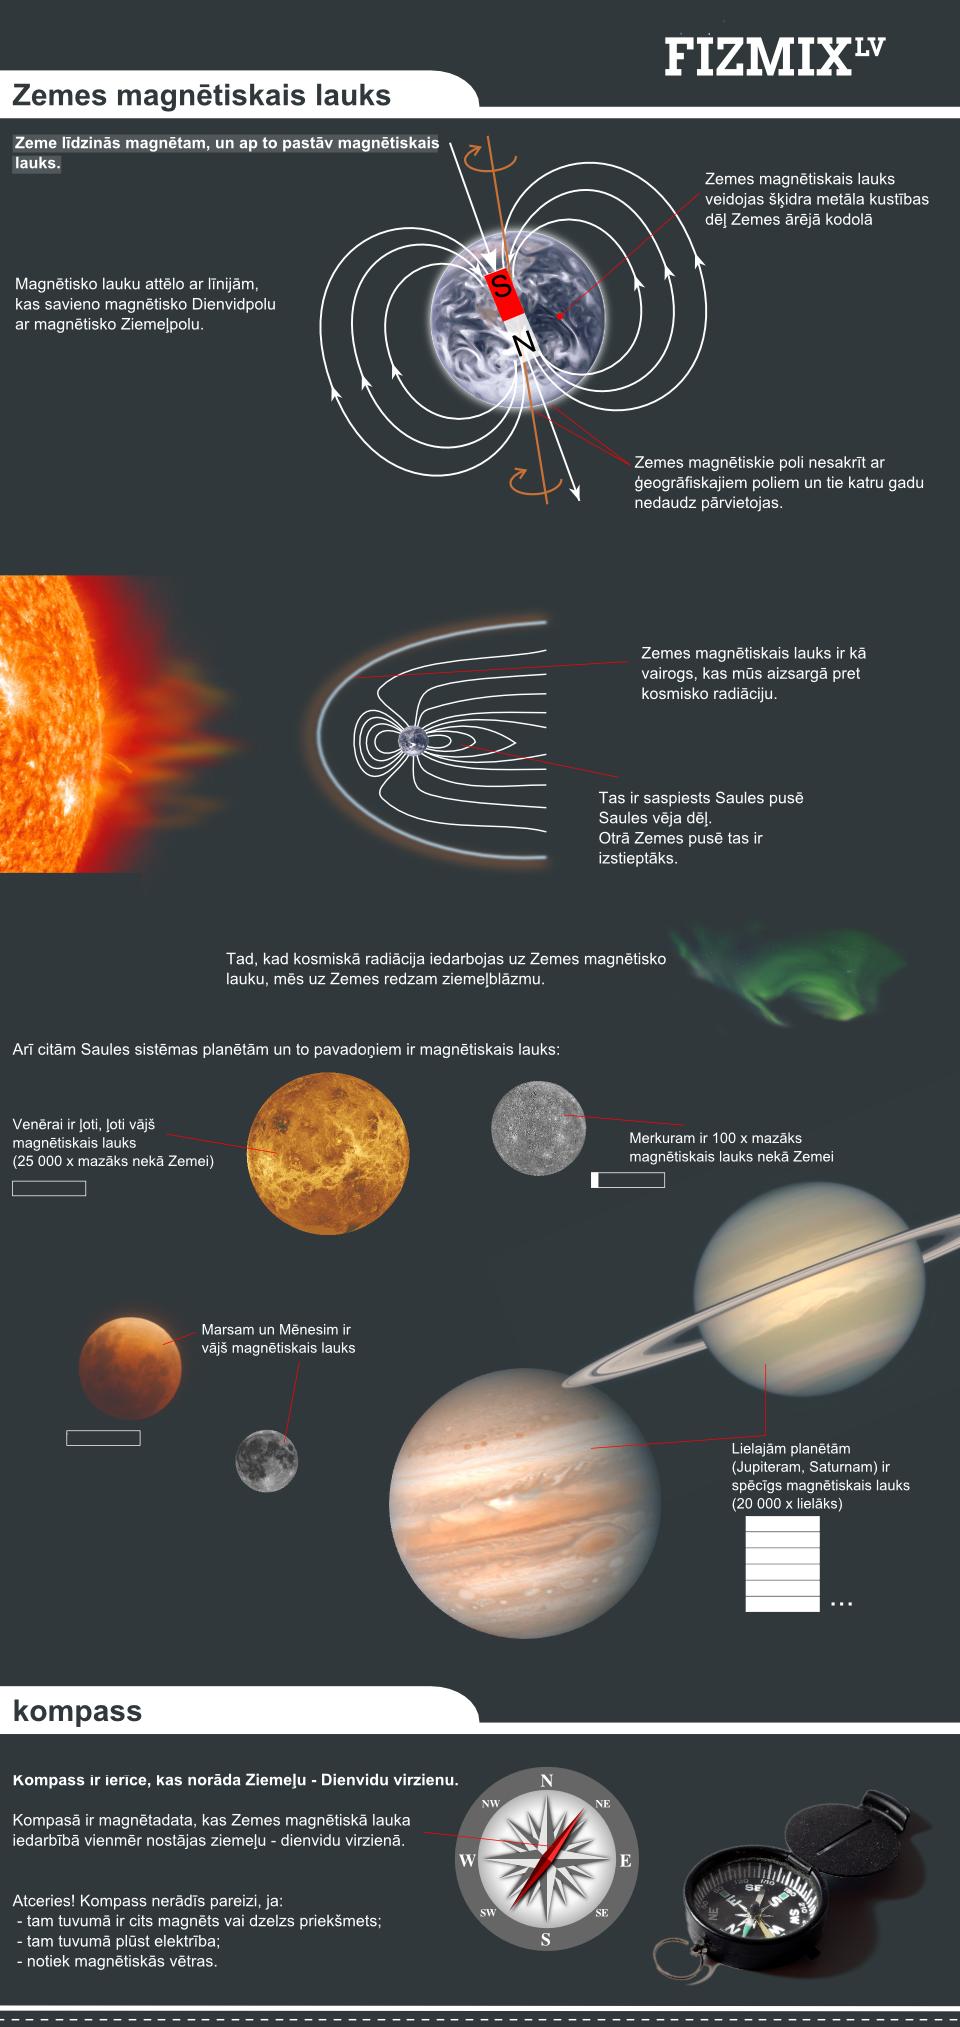 Zemes magnētiskais lauks